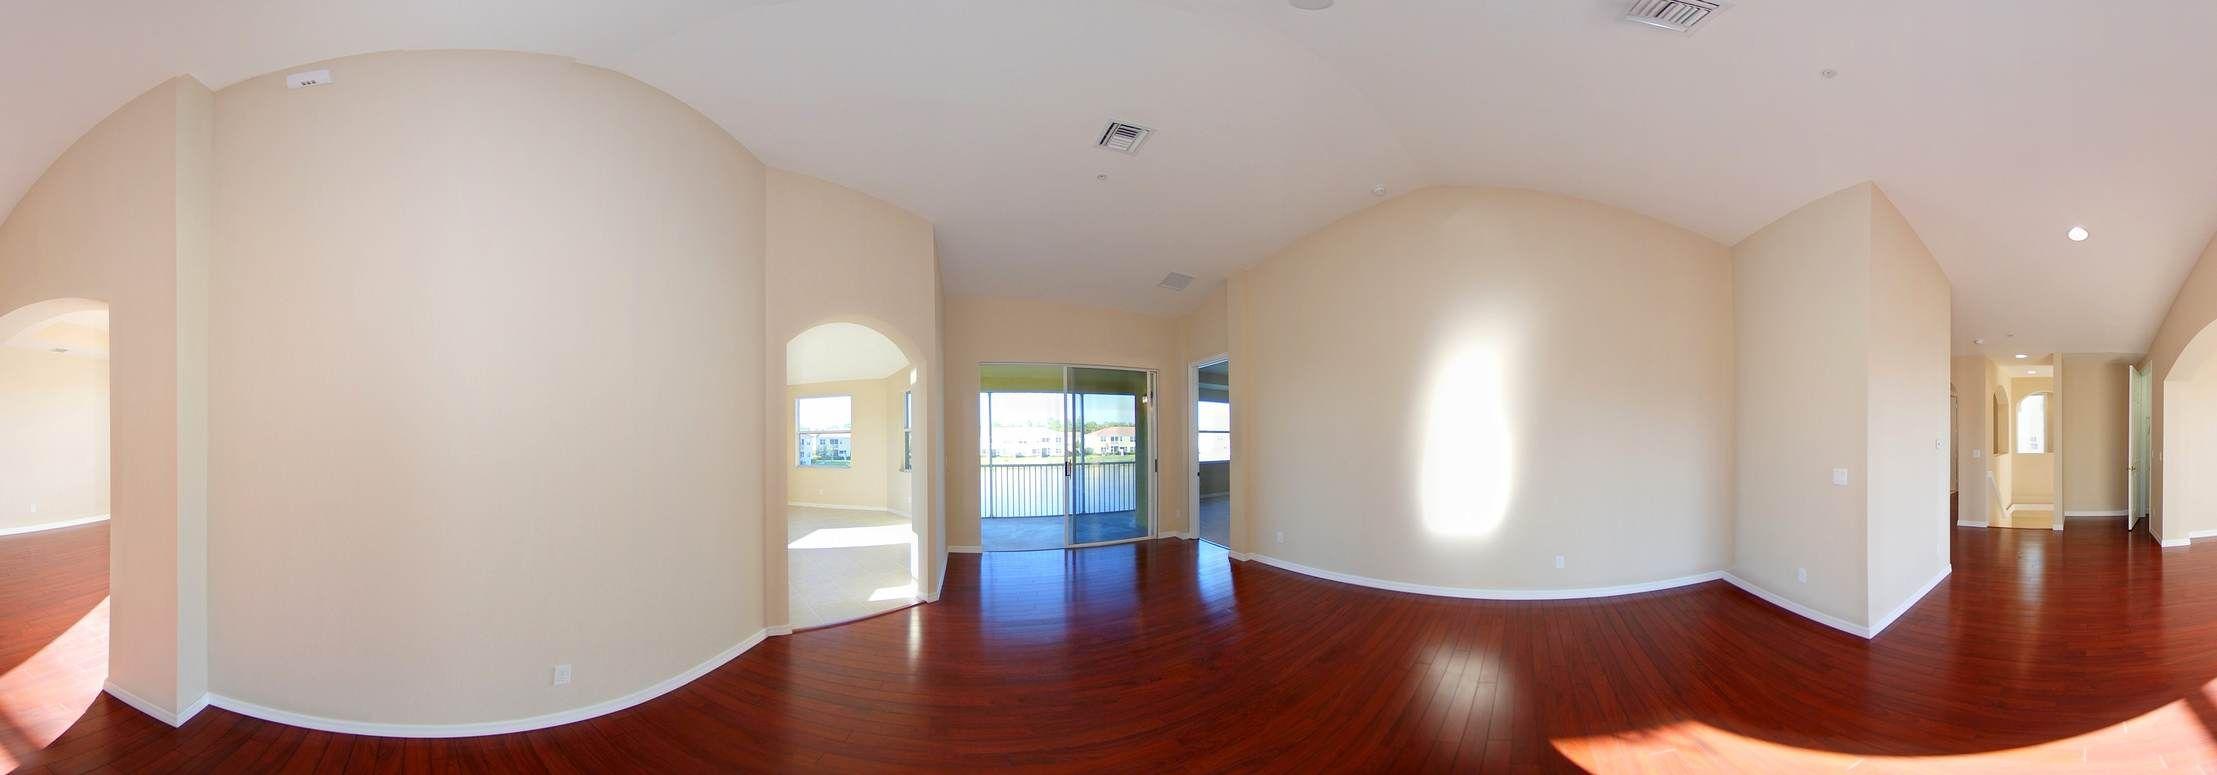 Living Room, Dinning Room & Foyer